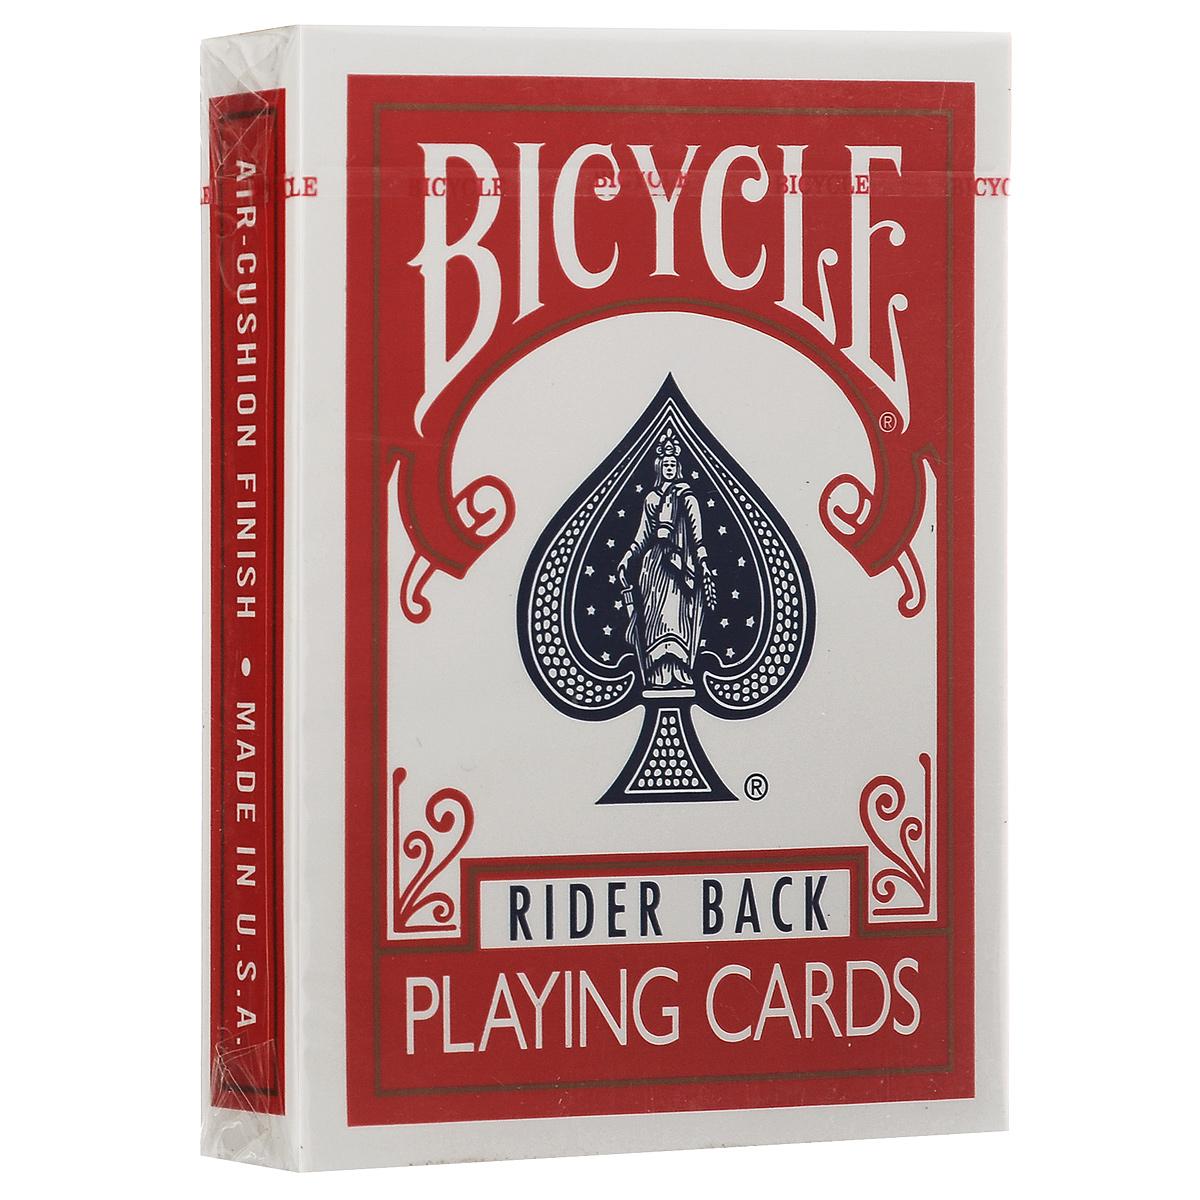 Игральные карты Bicycle Rider Back, цвет: красныйК-001Игральные карты Bicycle Rider Back - самые популярные карты! Они выпускаются уже более 120 лет компанией The United States Playing Card Company. Все это время их дизайн остается неизменным, улучшается только качество. Карты прекрасно подходят для различных манипуляций, фокусов, игры в покер. В этой колоде сохранен классический дизайн упаковки